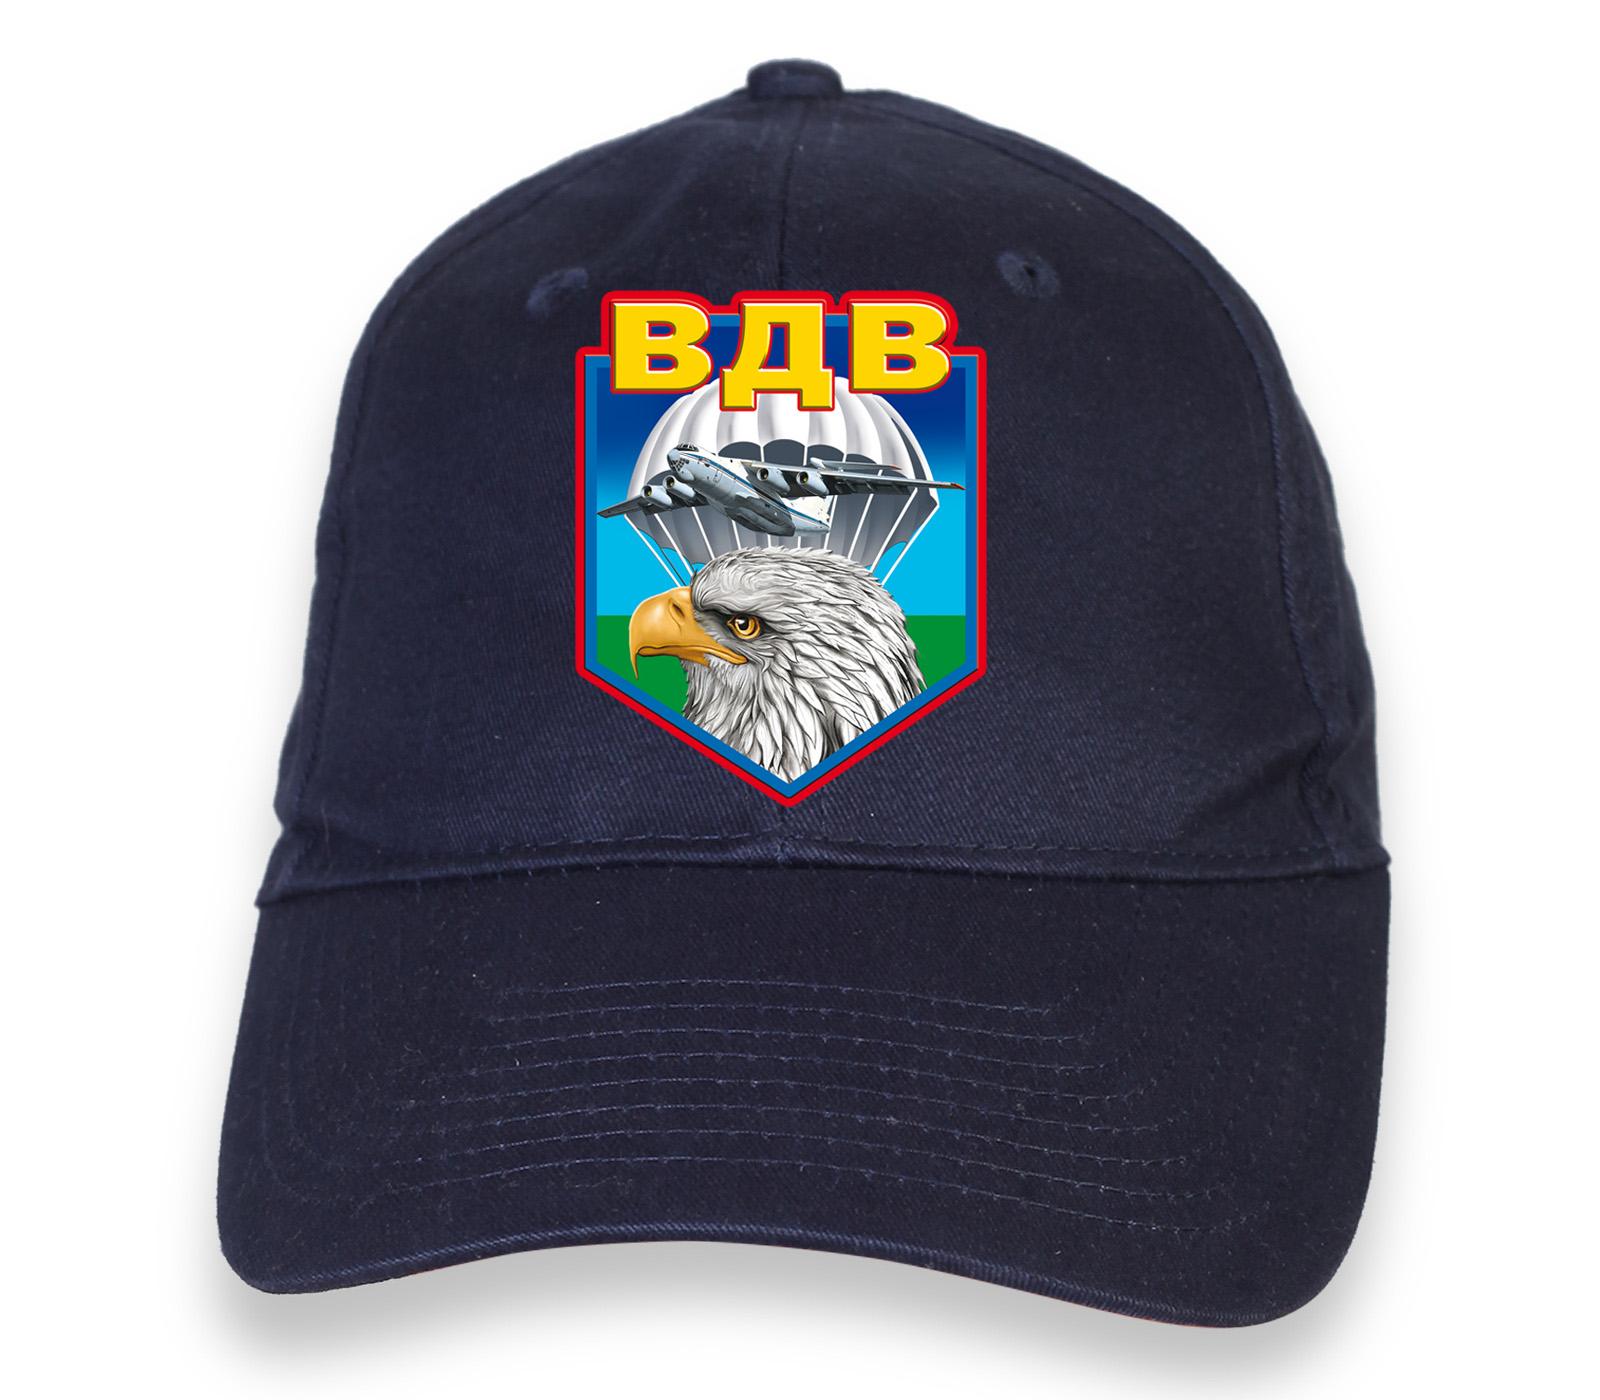 Купить стильную темно-синюю бейсболку с термонаклейкой ВДВ в подарок